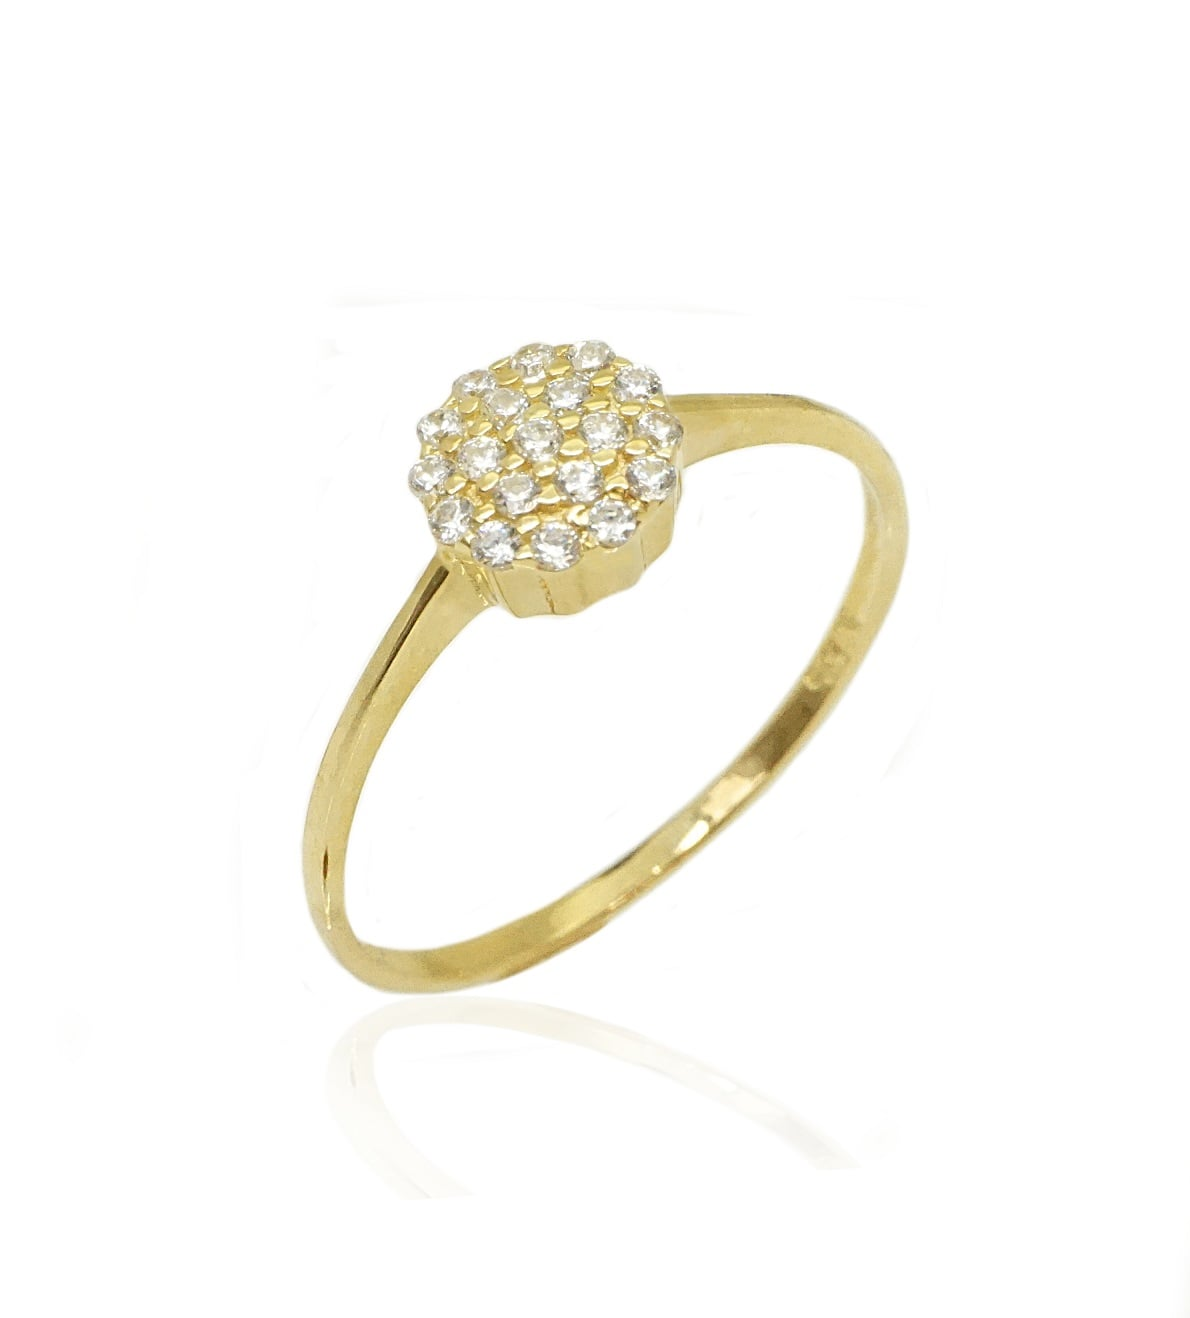 טבעת זהב זרקונים |טבעת עדינה וחמודה